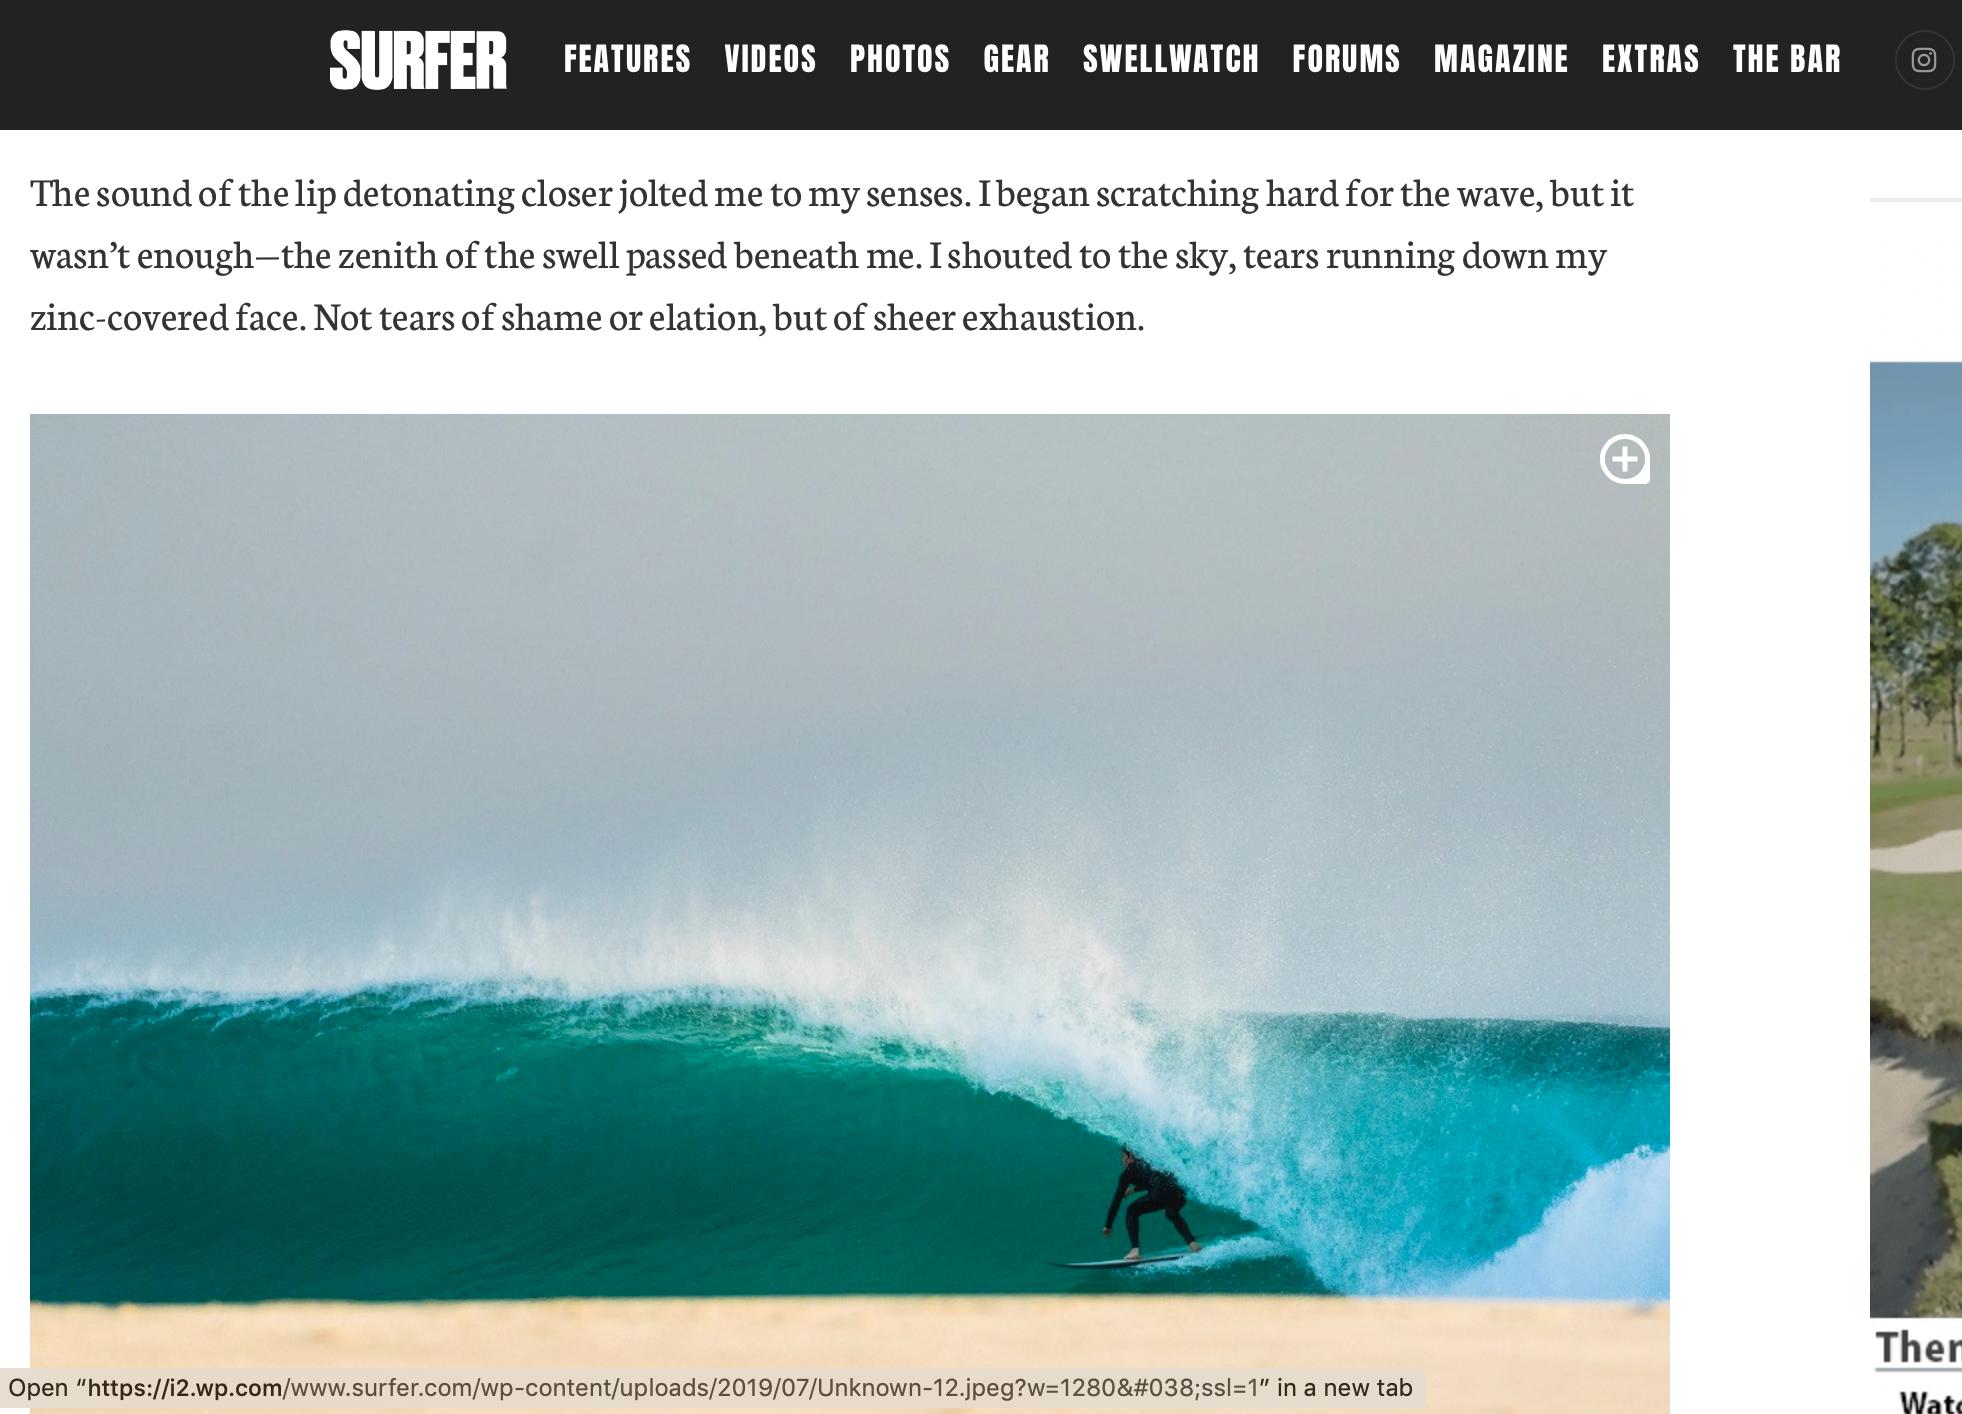 SurferMag3